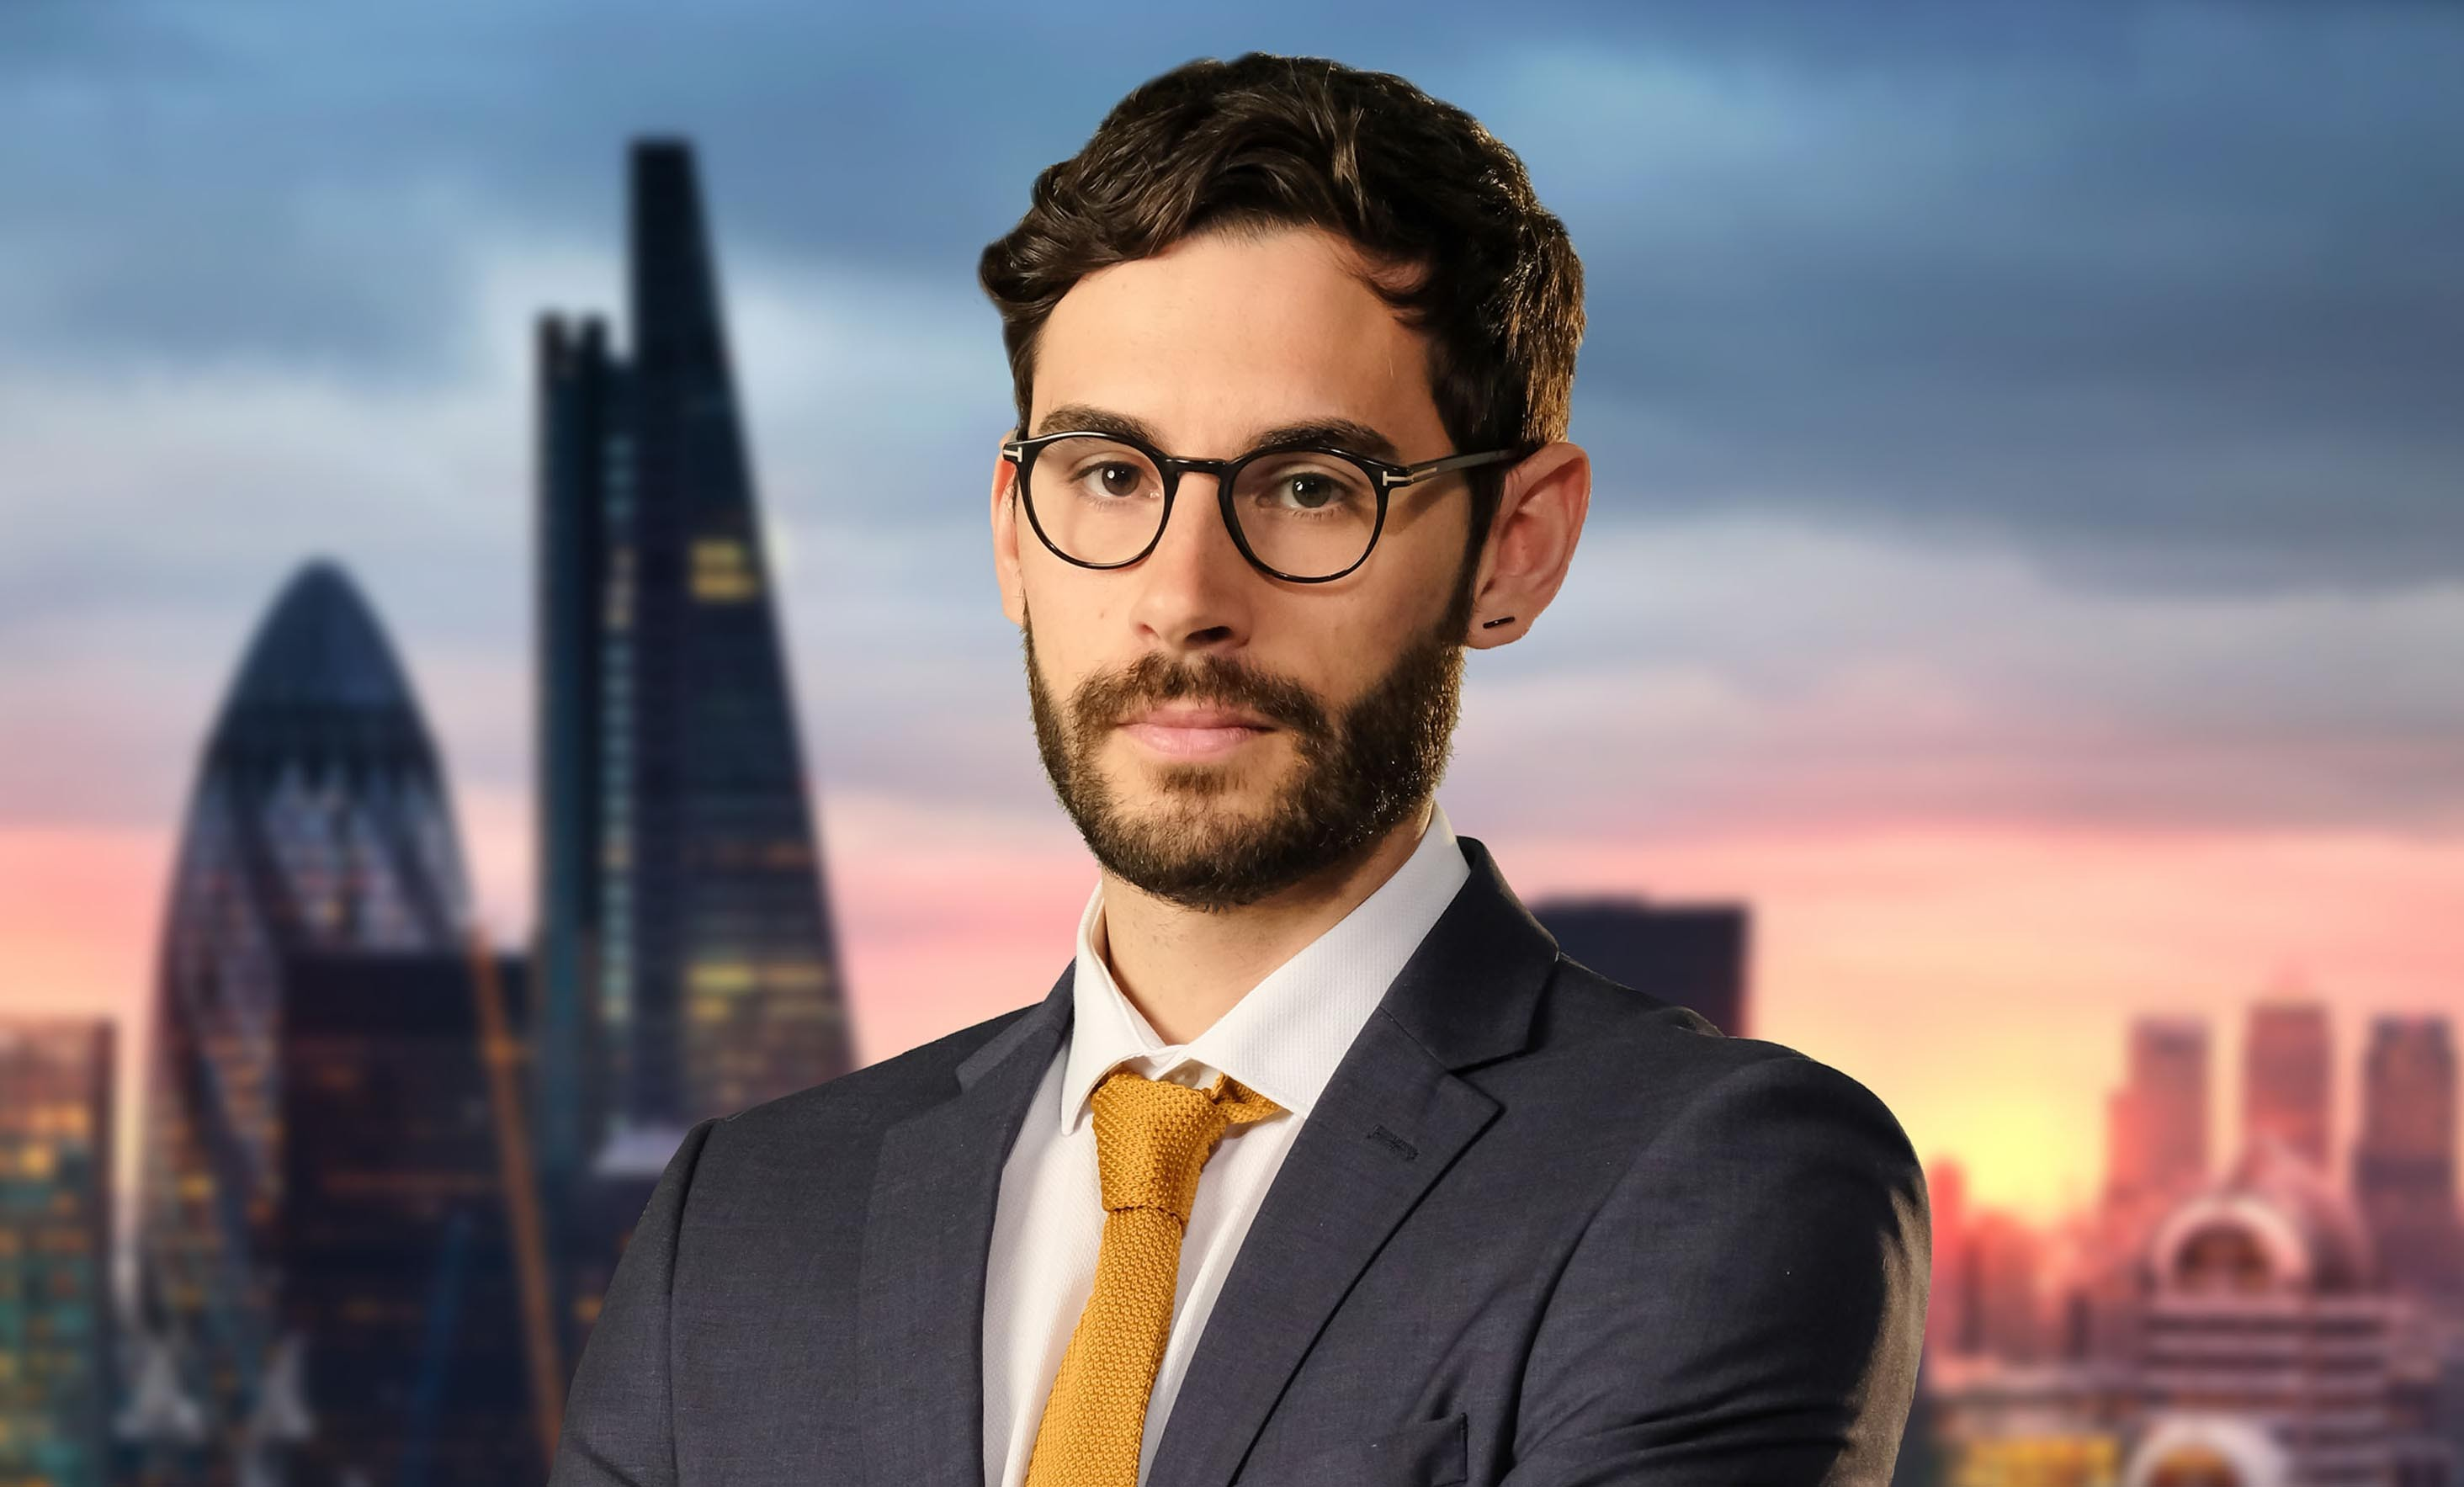 Ross Fretten on The Apprentice 2018